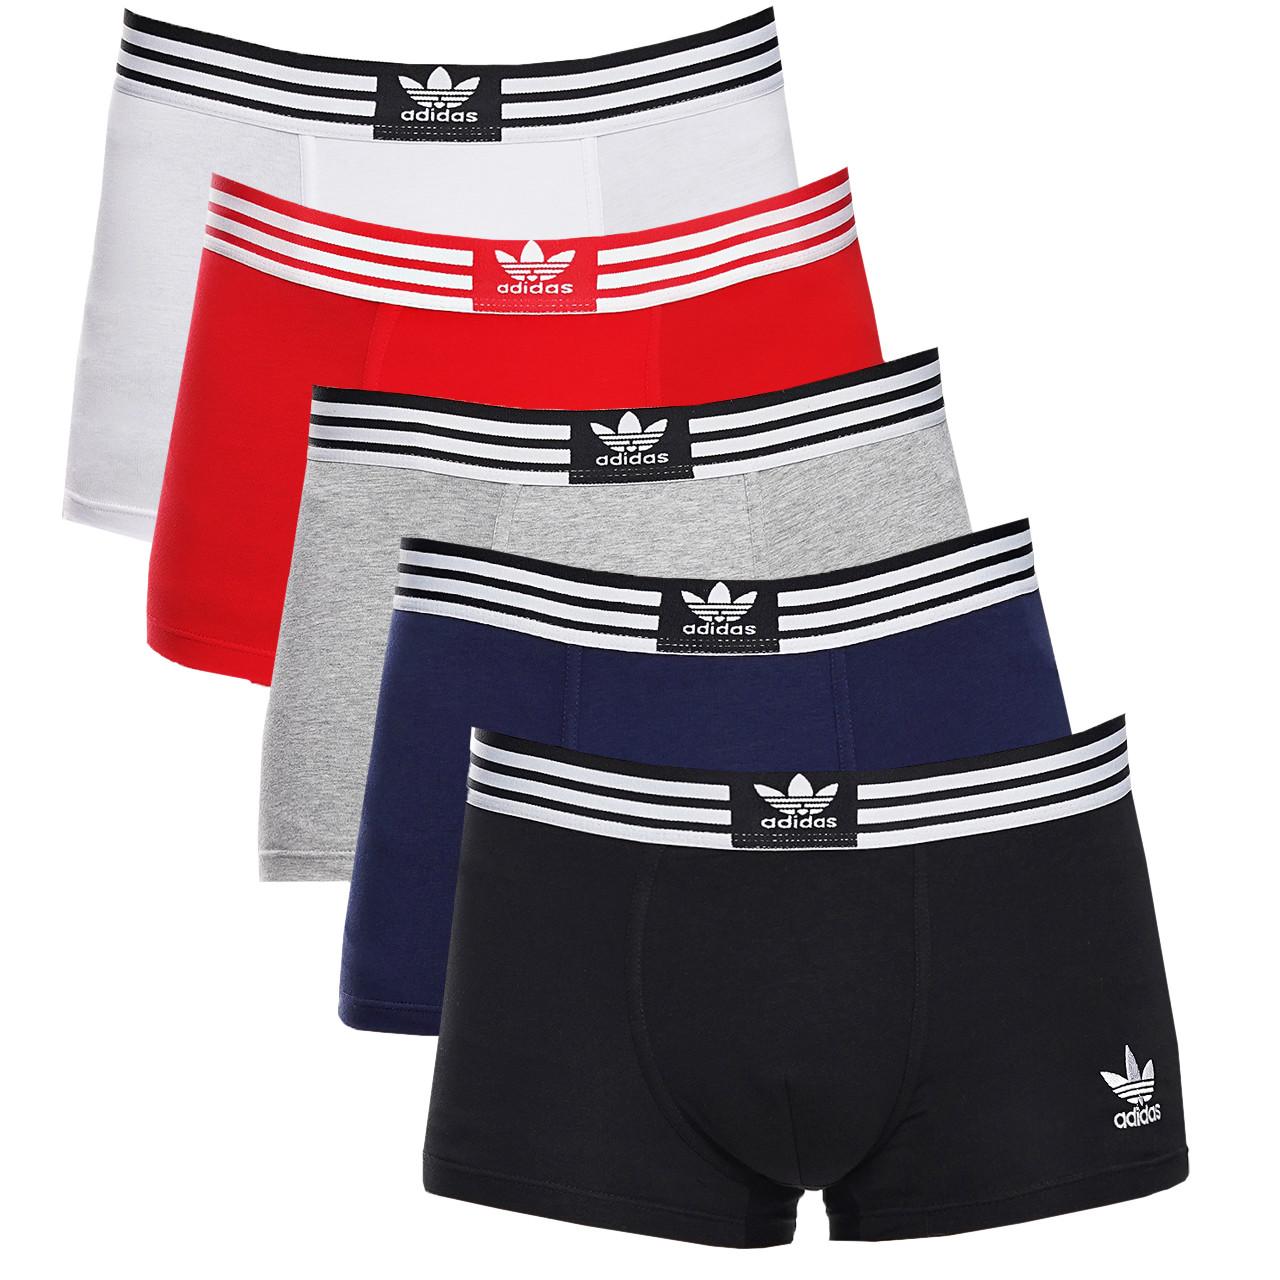 Набір чоловічих трусів боксерів Adidas (5шт) в подарунковій коробці бавовна Розмір M